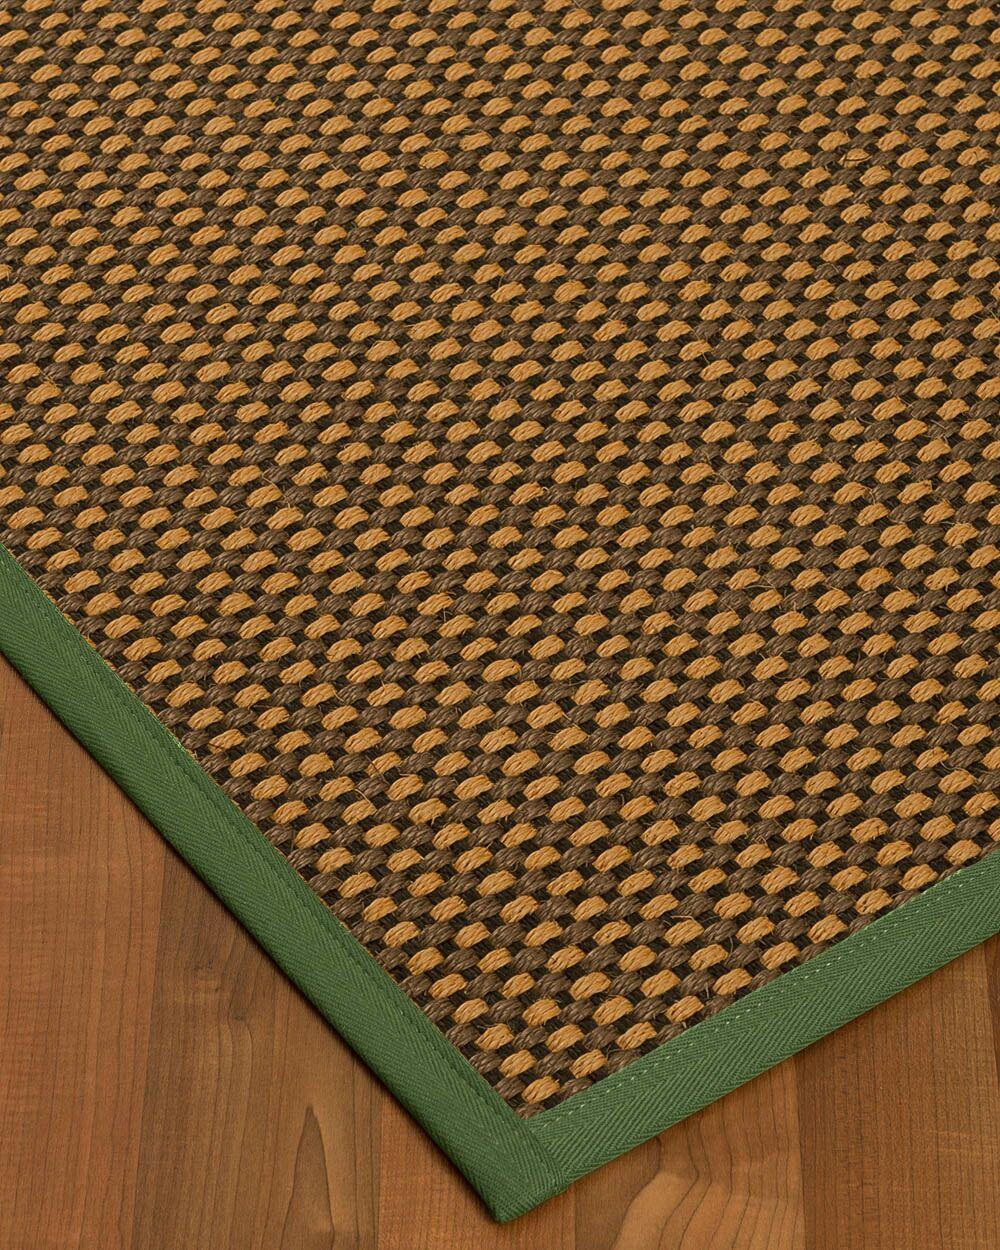 Kimbrel Hand-Woven Brown Area Rug Rug Size: Rectangle 12' x 15'